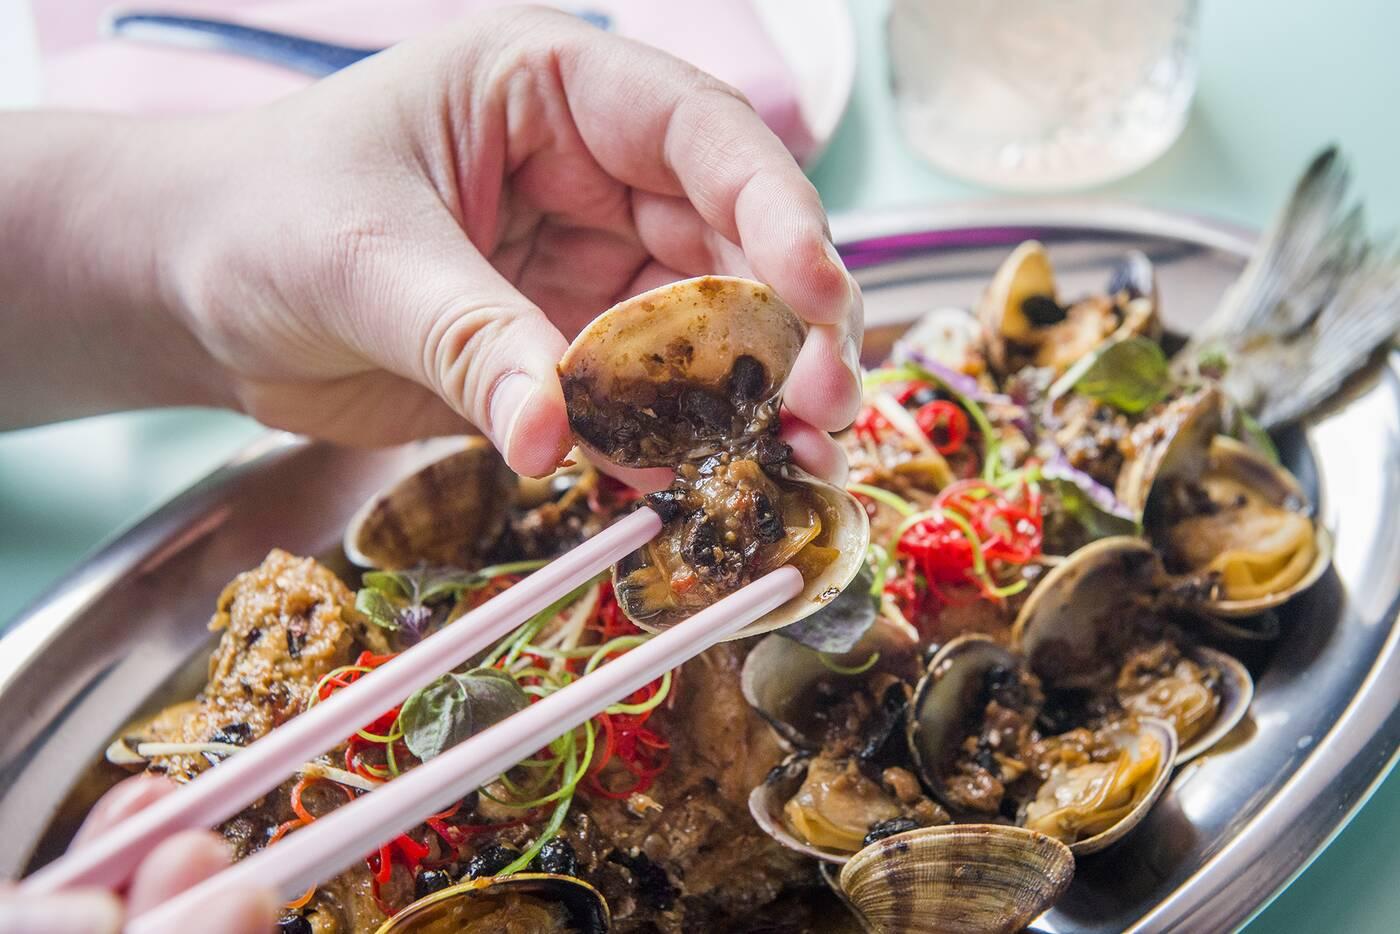 SoSo Food Club Toronto